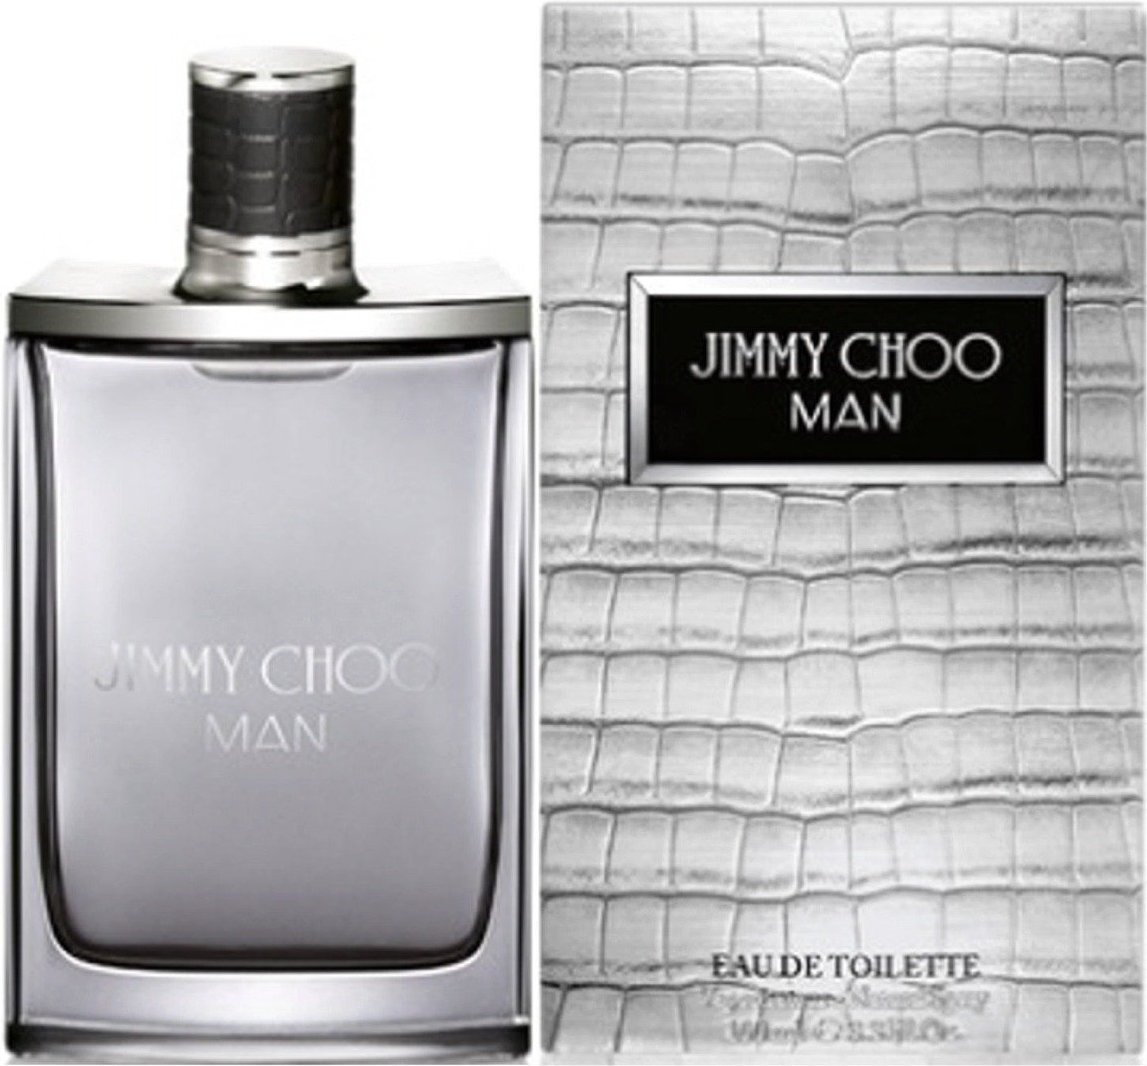 Jimmy Choo Man Woda toaletowa 100ml